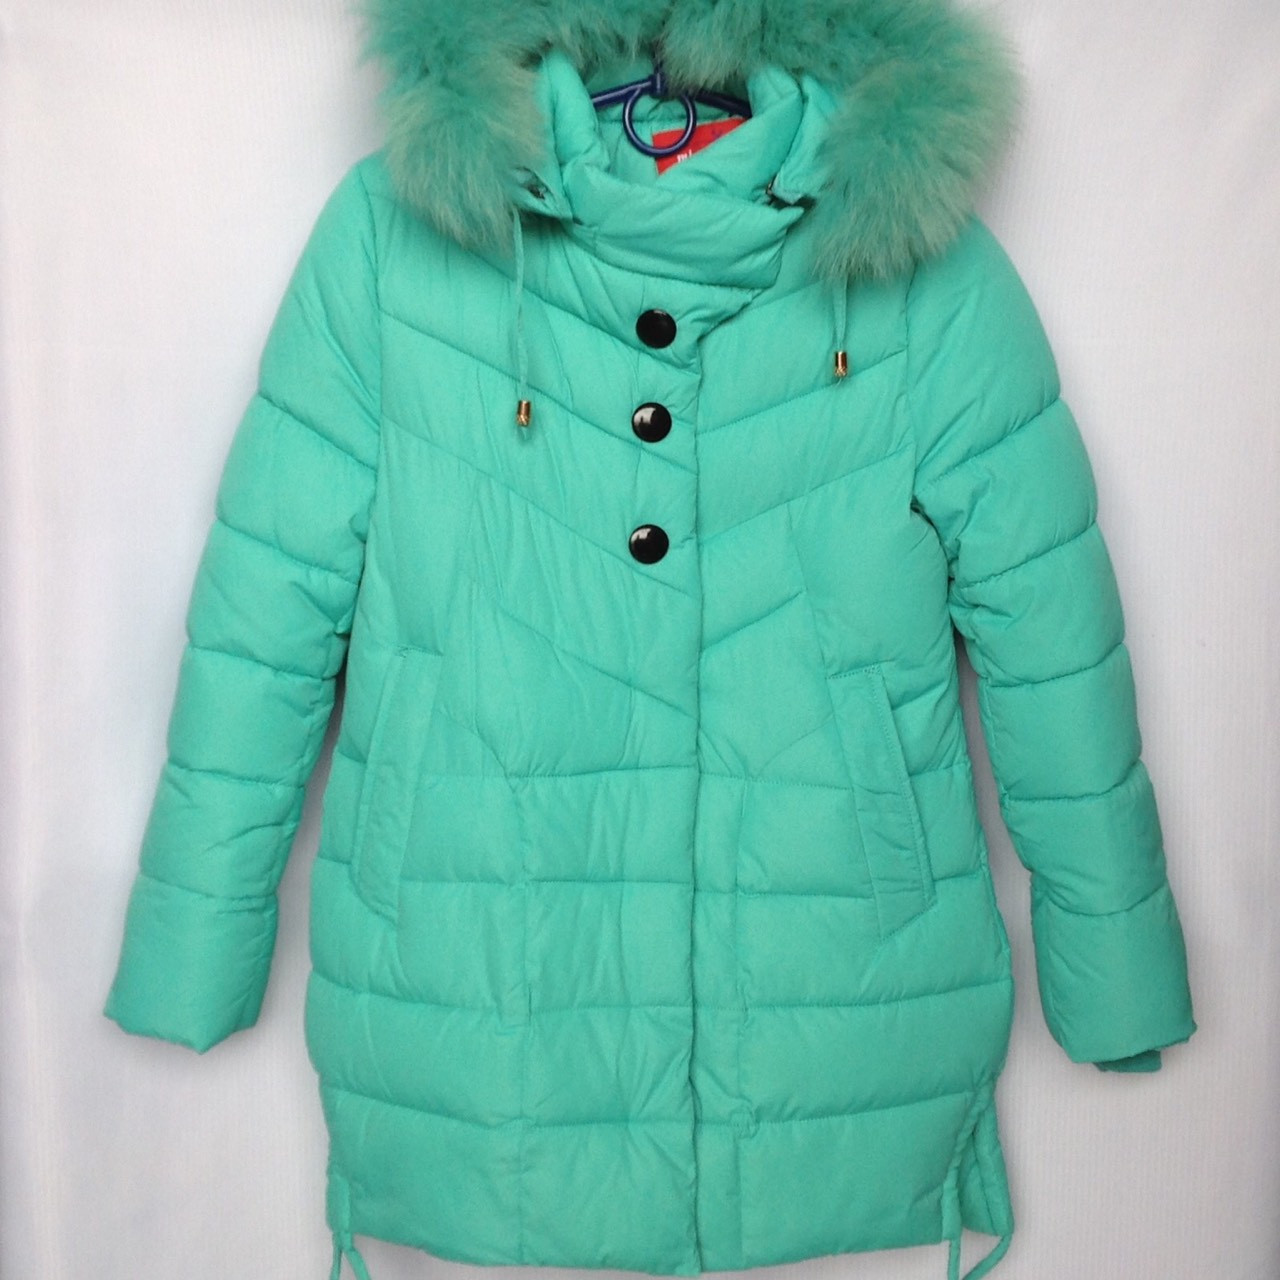 Куртка подростковая зимняя NIKA #6012 для девочек. 134-158 см (9-13 лет). Мятная. Оптом.